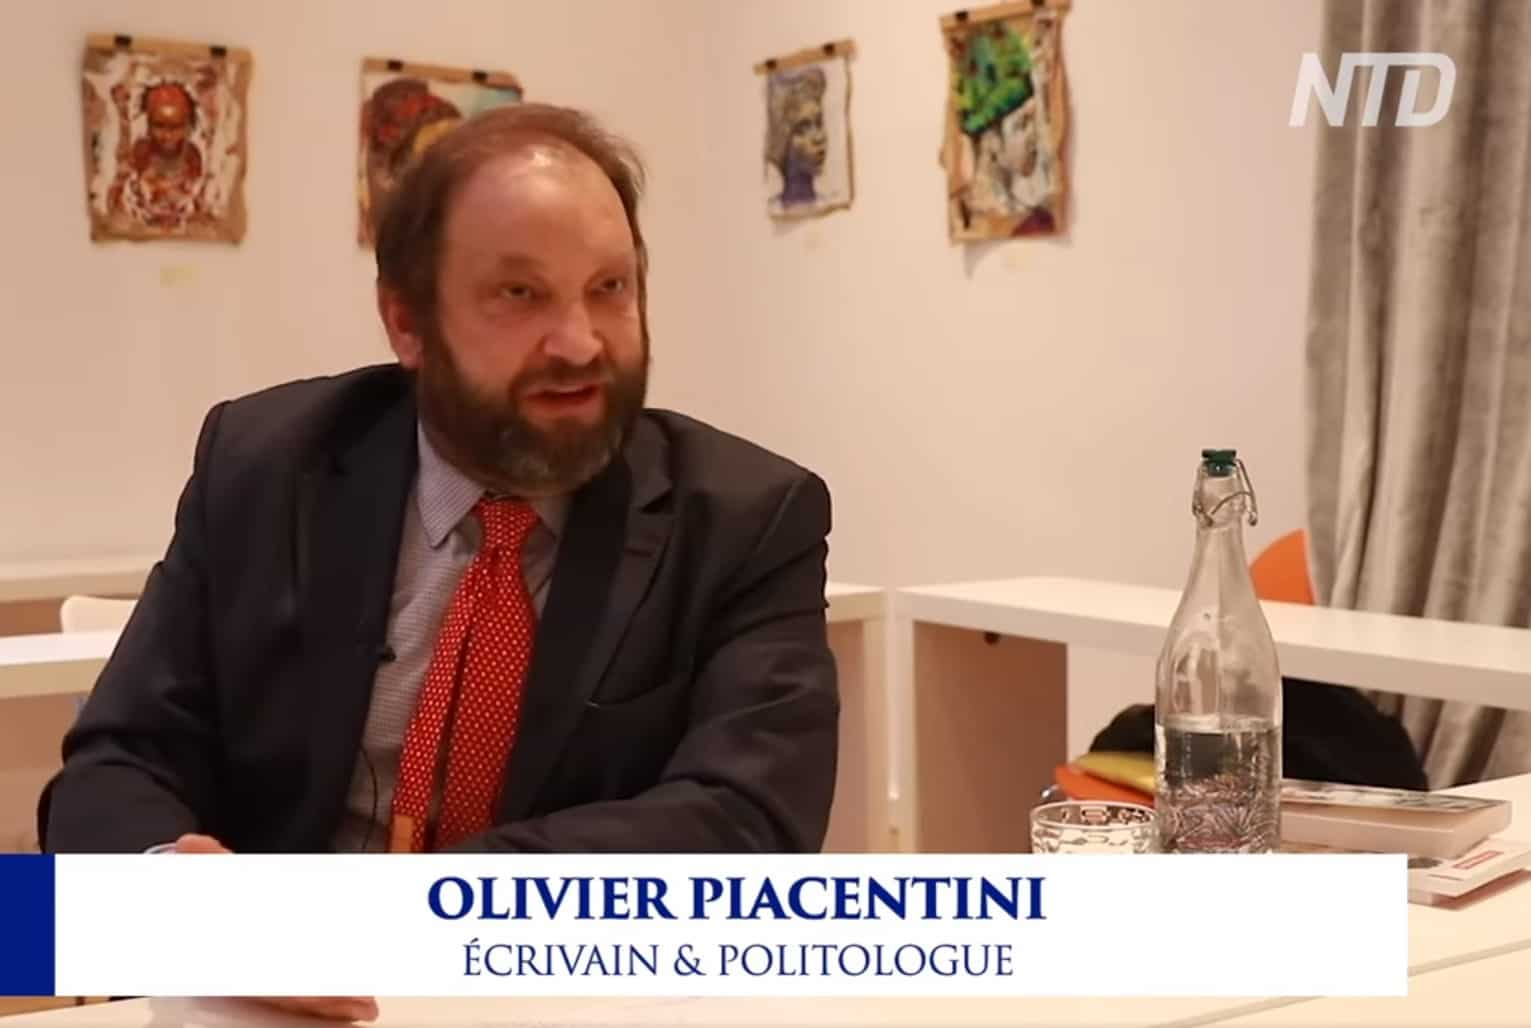 کمونیسم اولیویه پیاسنتینی، نویسنده و پژوهشگر سیاسی فرانسوی، در مصاحبه اخیرش با تلویزیون انتیدی خطر کمونیسم و گسترش آن به سراسر جهان را اعلام